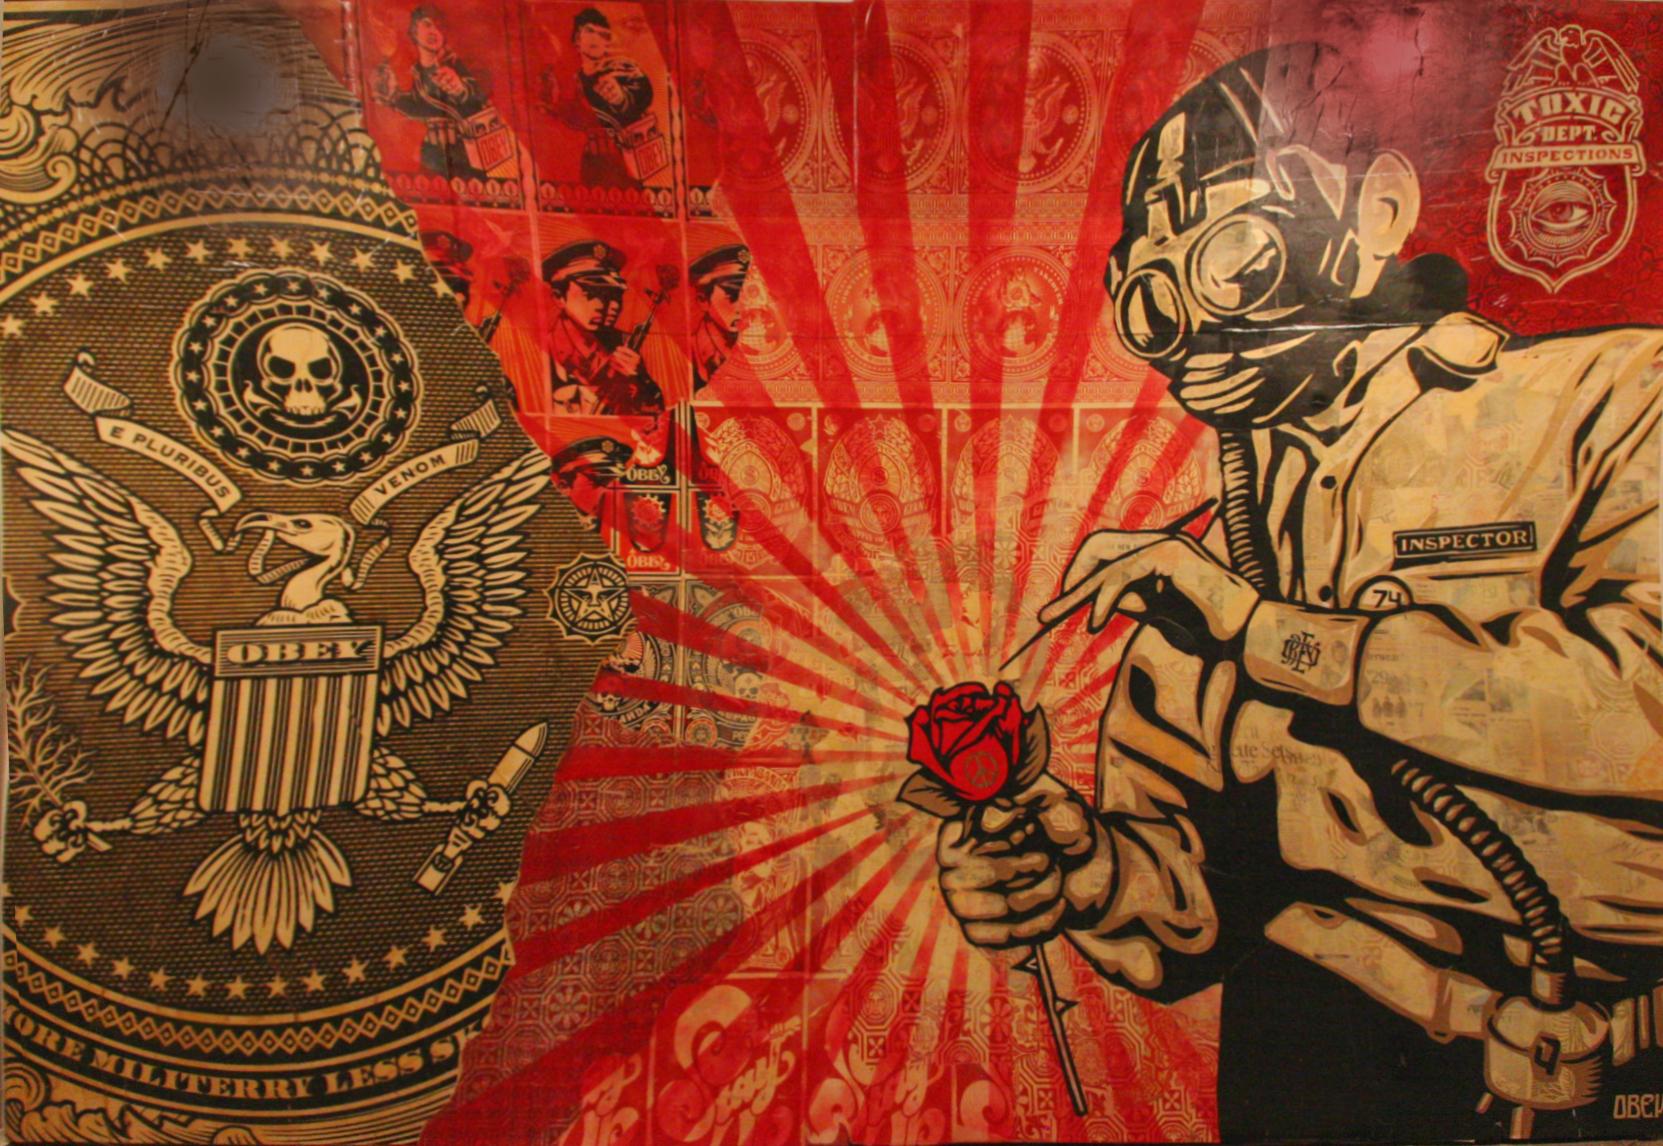 Obey Shepard Wallpaper 1663x1146 Obey Shepard Fairey 1663x1146